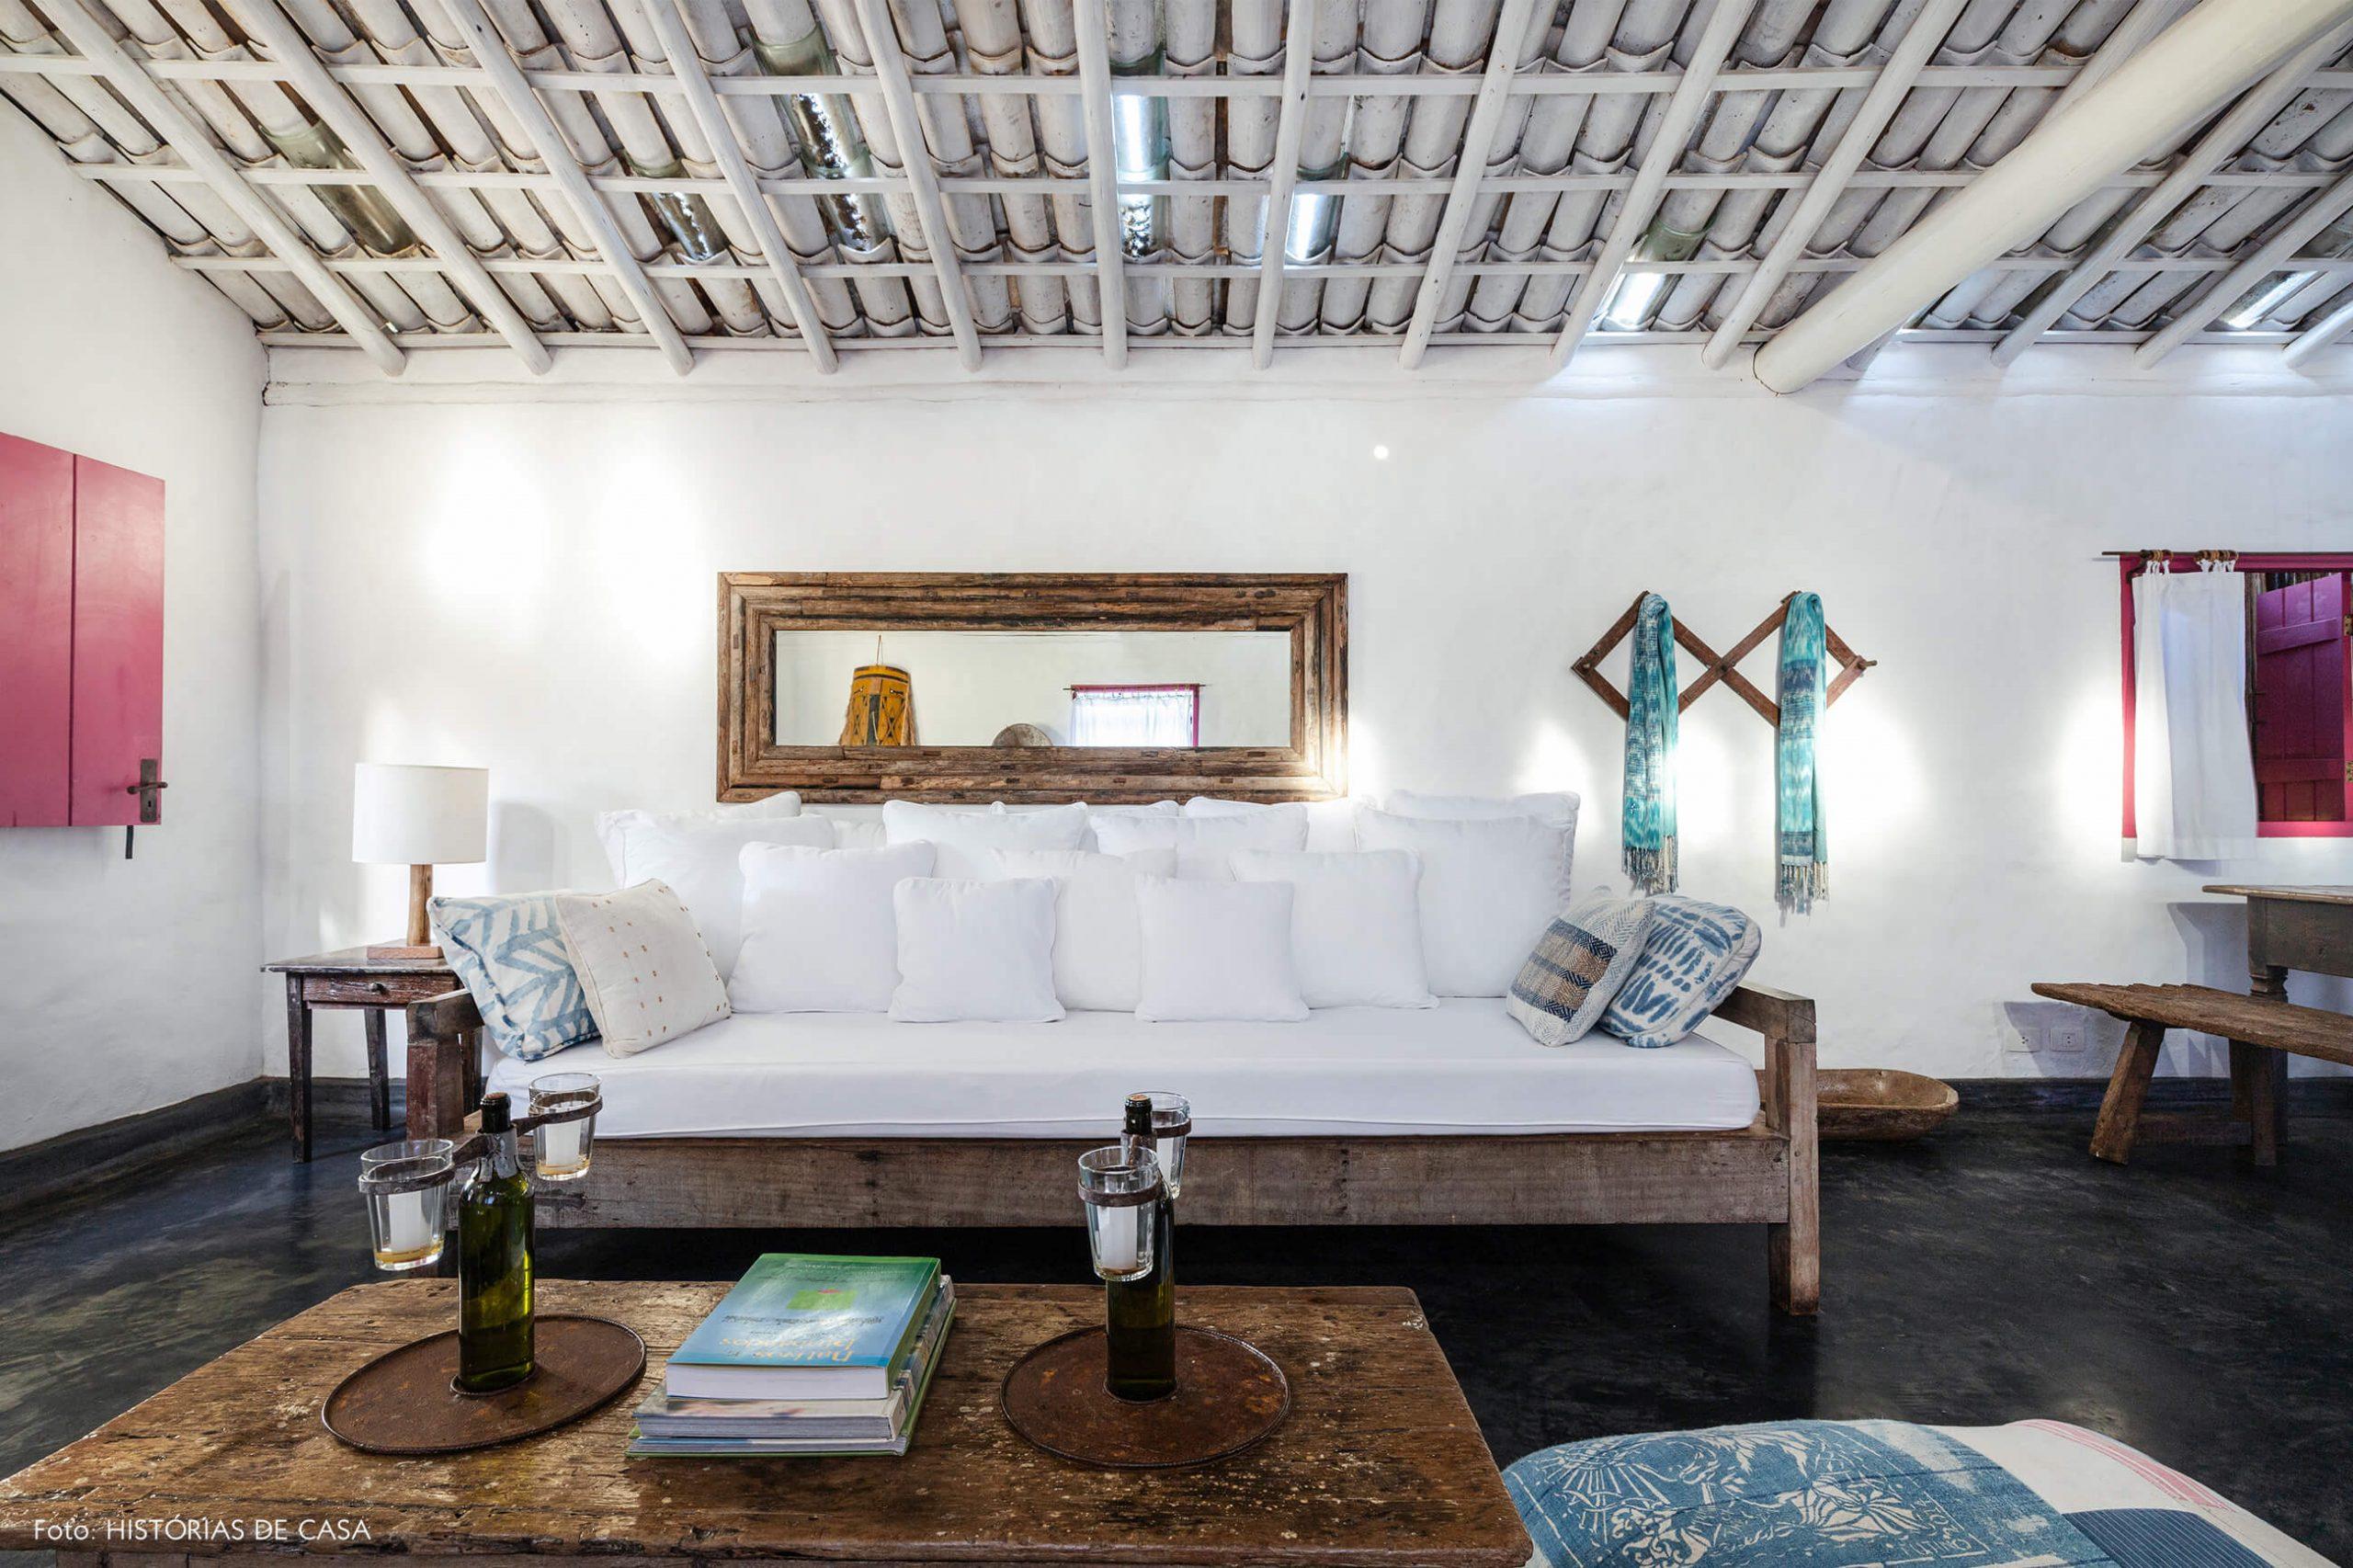 decoração Trancoso sala rustica com moveis de madeira e sofa branca